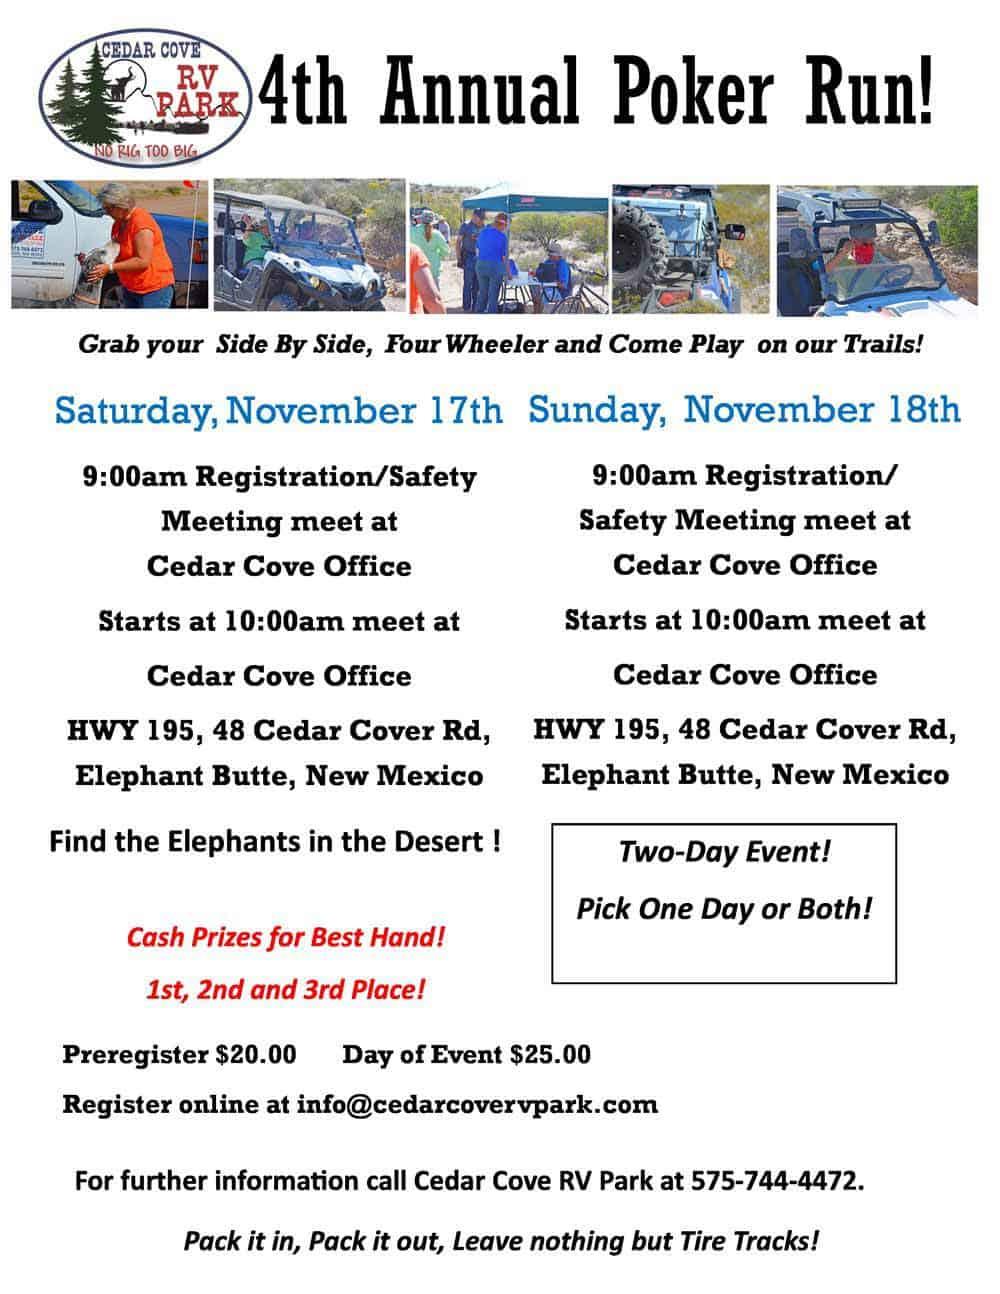 4th Annual Cedar Cove ATV Poker Run